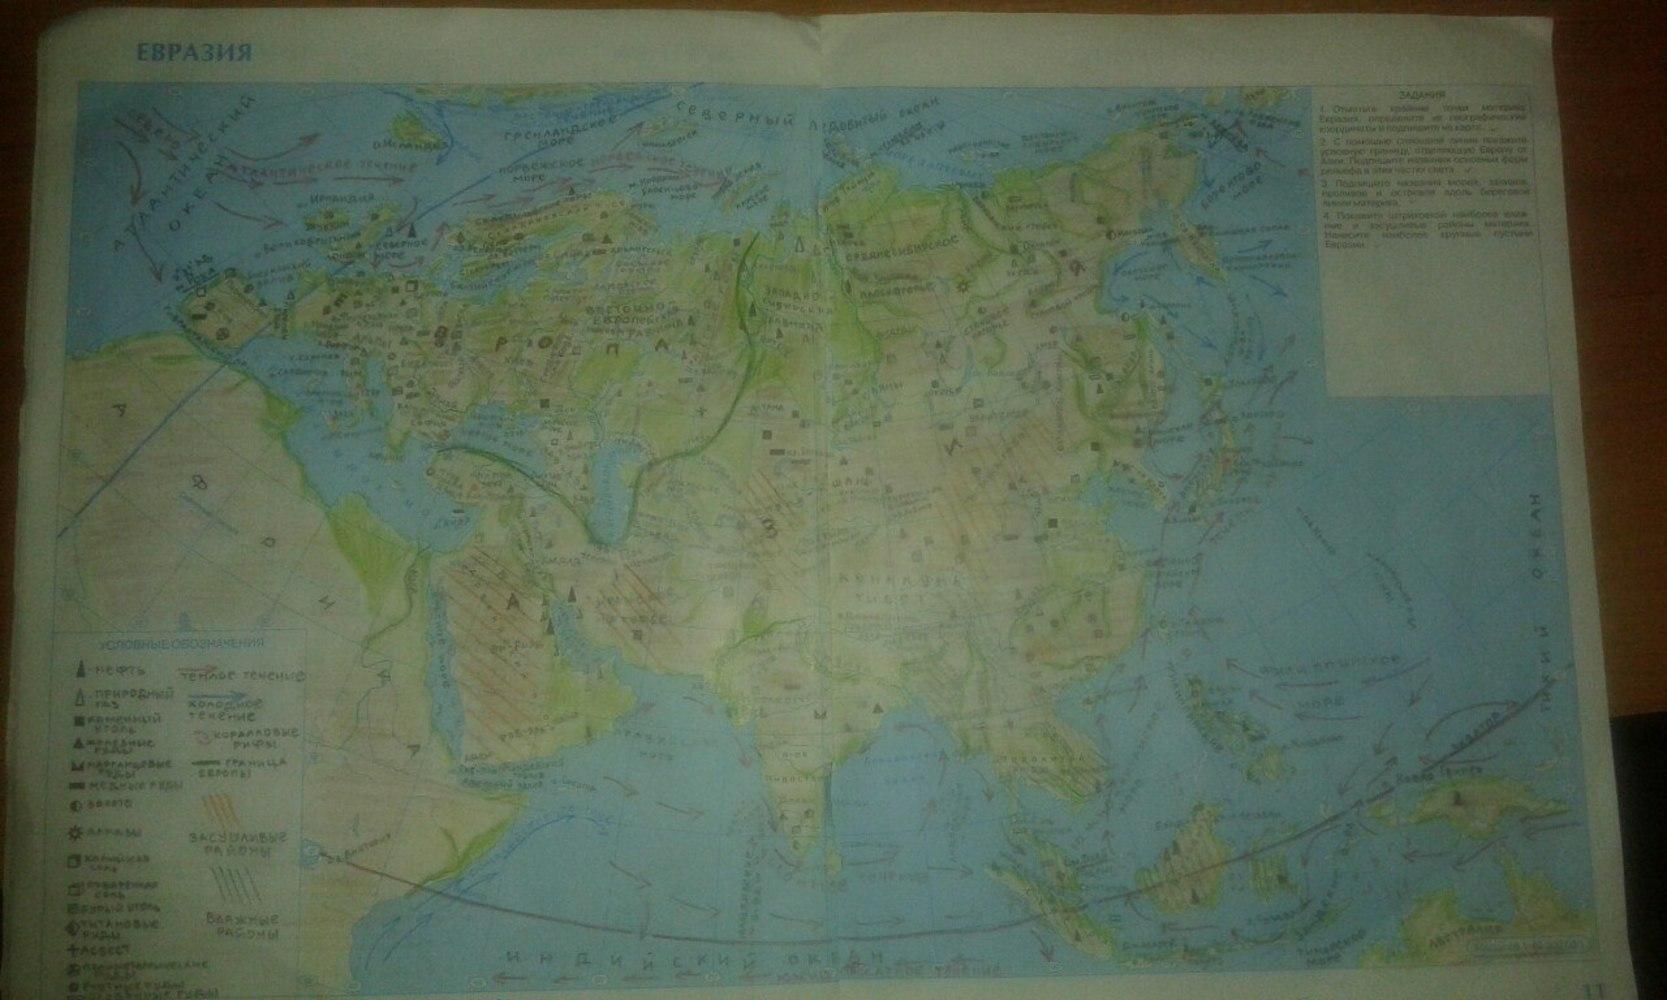 гдз по географии 7 класс контурная карта евразия физическая карта